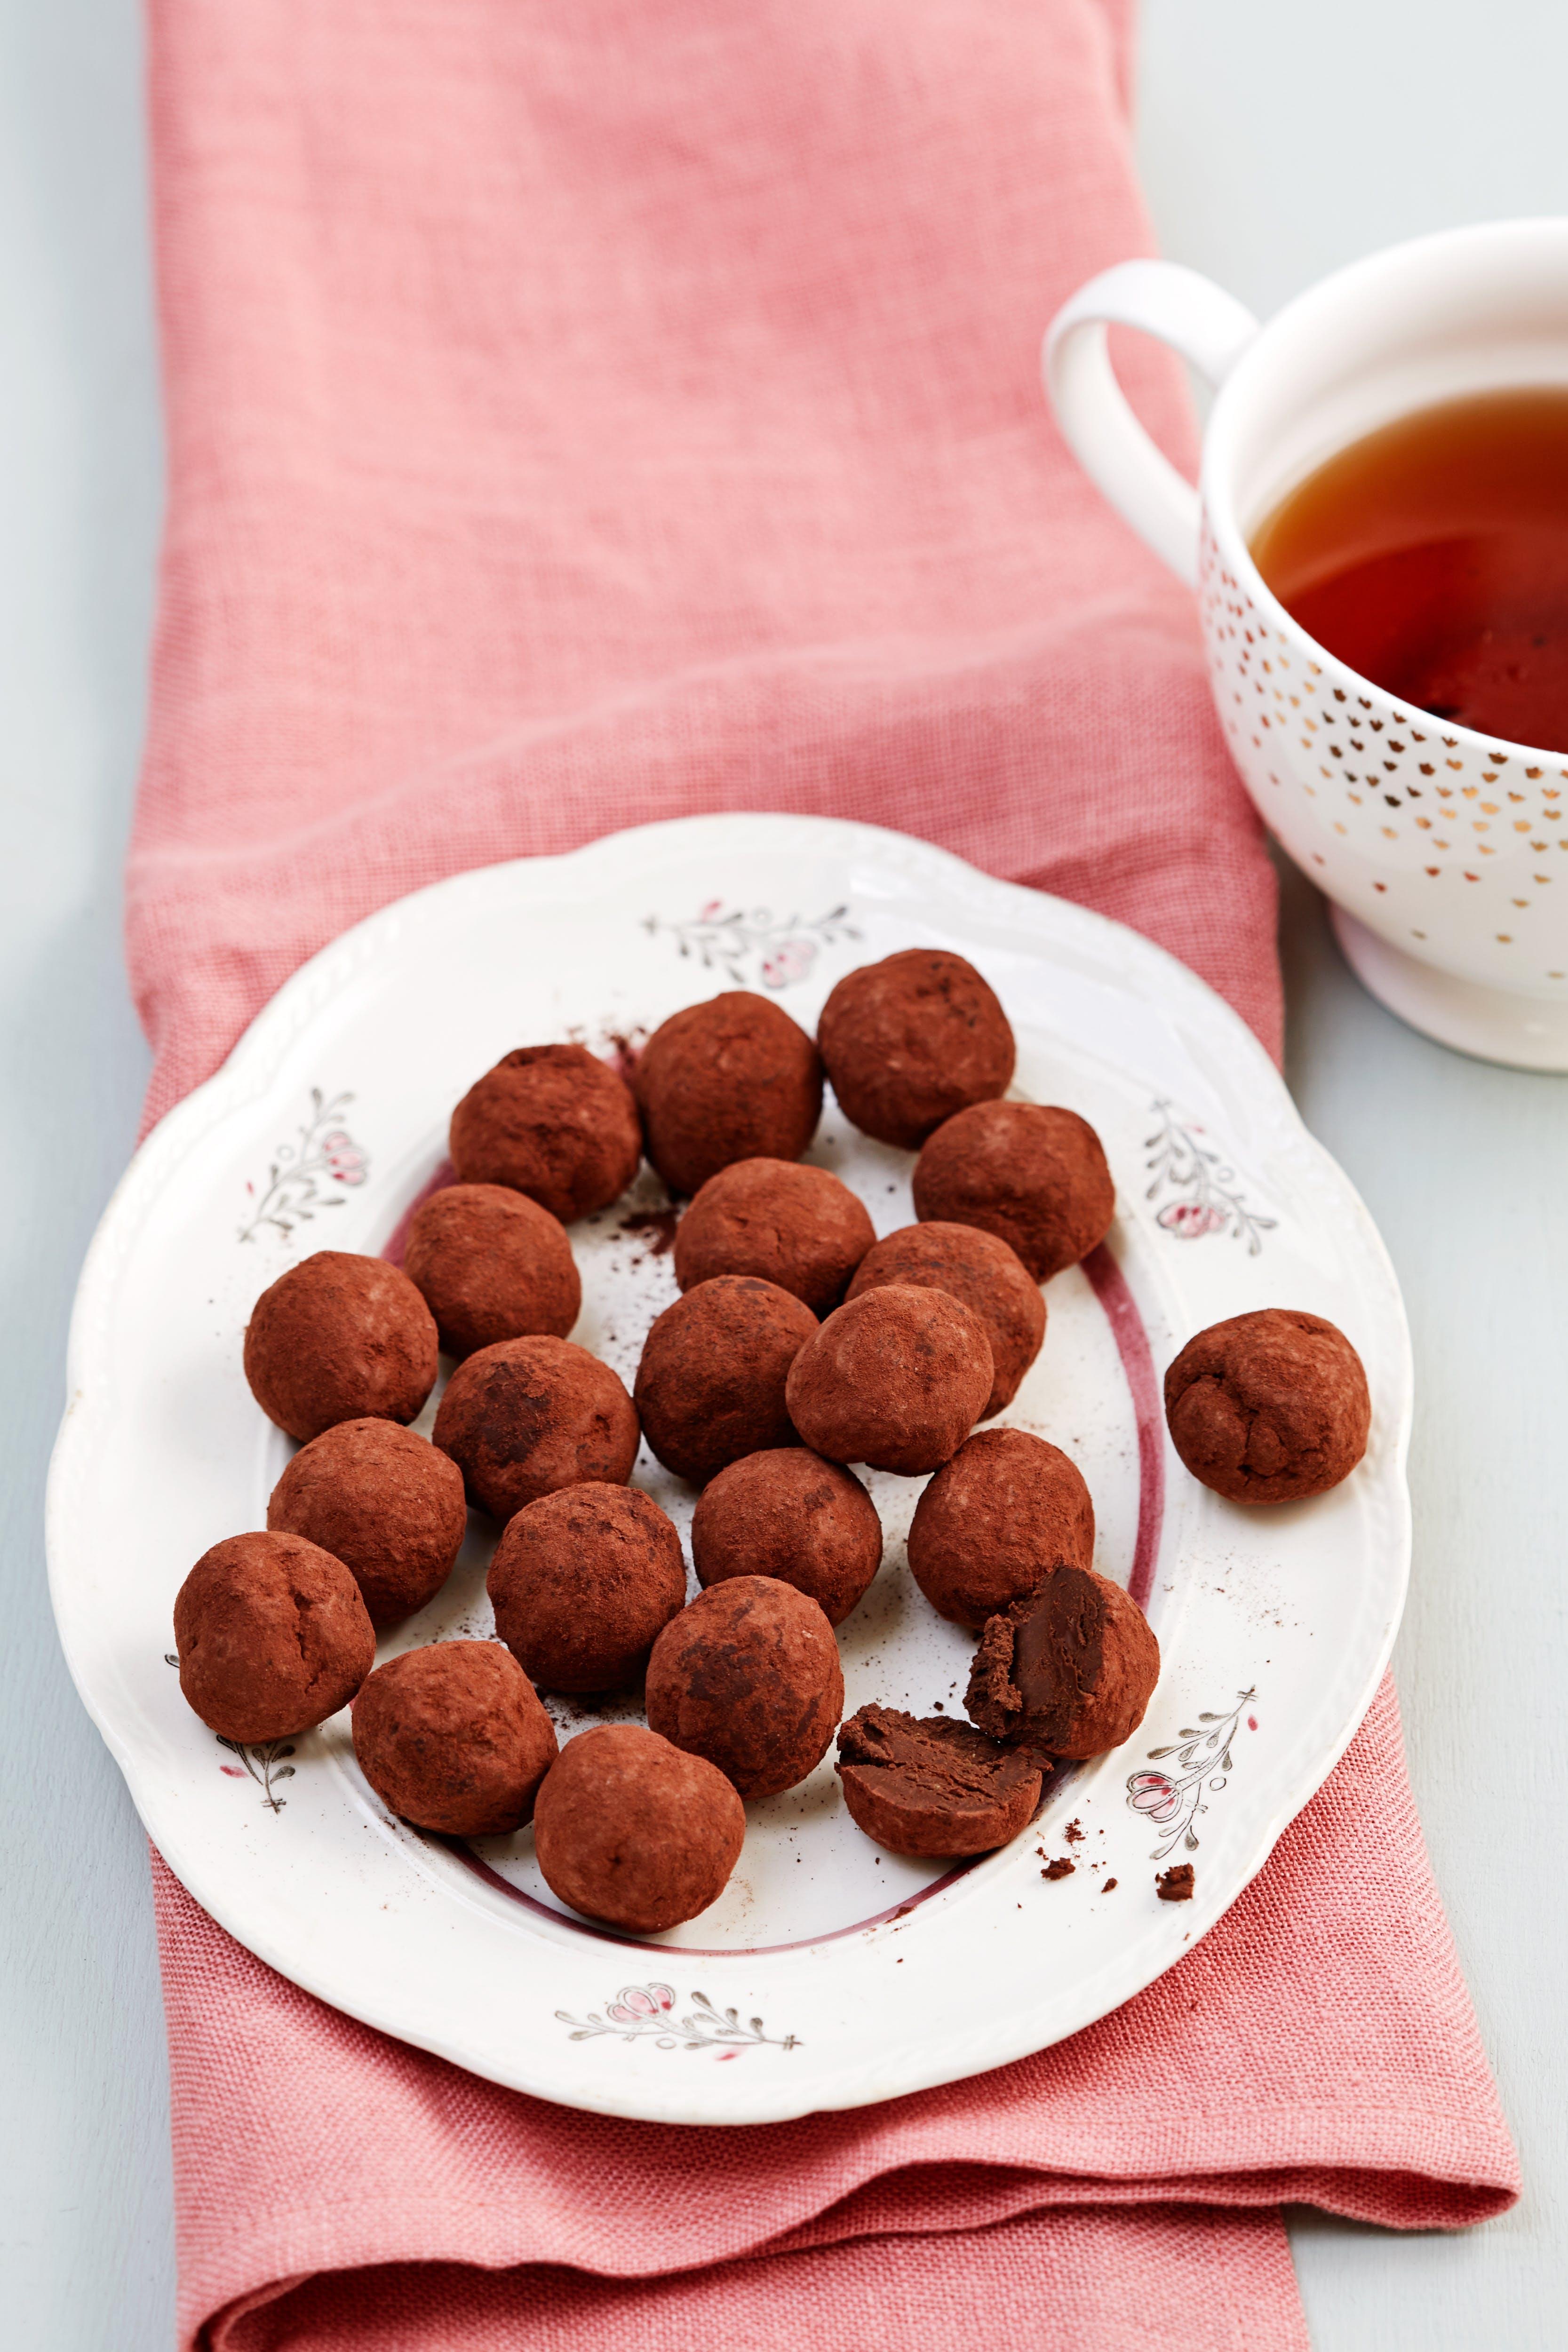 Low-carb chocolate avocado truffles